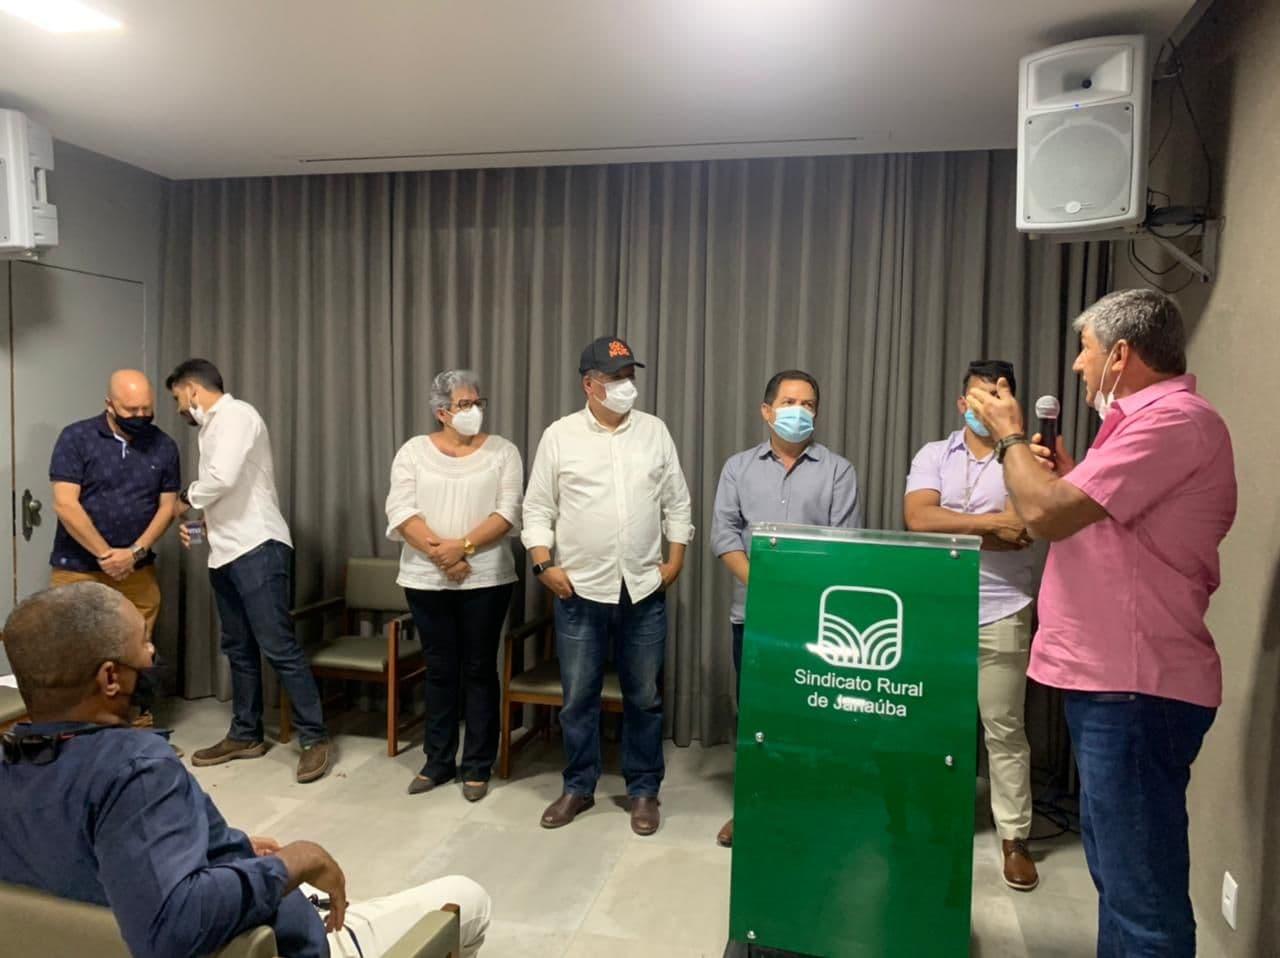 Liderados-pela-ABANORTE,-os-fruticultores-norte-mineiros-reiteraram-as-reivindicacoes-da-fruticultura-irrigada-